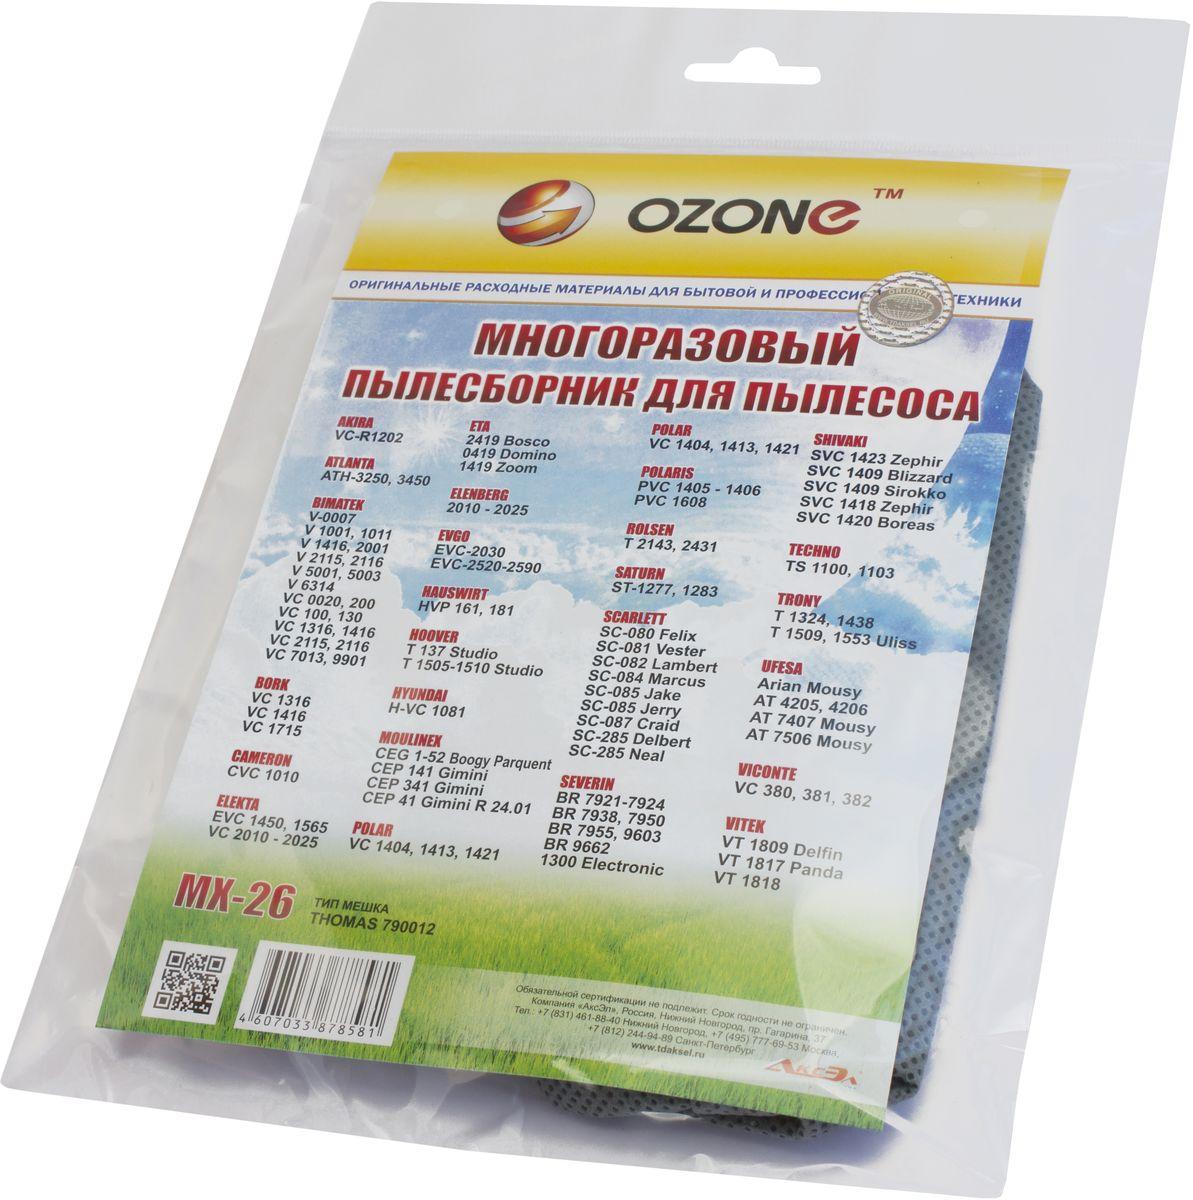 Ozone MX-26 пылесборник для пылесосов BorkMX-26Многоразовый синтетический пылесборник Ozone microne multiplex MX-26 предназначен для бытового использования. Пылесборник Ozone соответствуют высоким стандартам качества. Благодаря использованию специального четырехслойного синтетического материала, пылесборник Ozone microne multiplex MX-26 обладает высочайшей степенью фильтрации и повышенной прочностью. Серия MICRON задерживает мельчайшие частицы пыли и пыльцы. Ozone microne multiplex MX-09 выдерживает нагрузку до 30кг., а так же выполняется 100% заполняемость мешка.